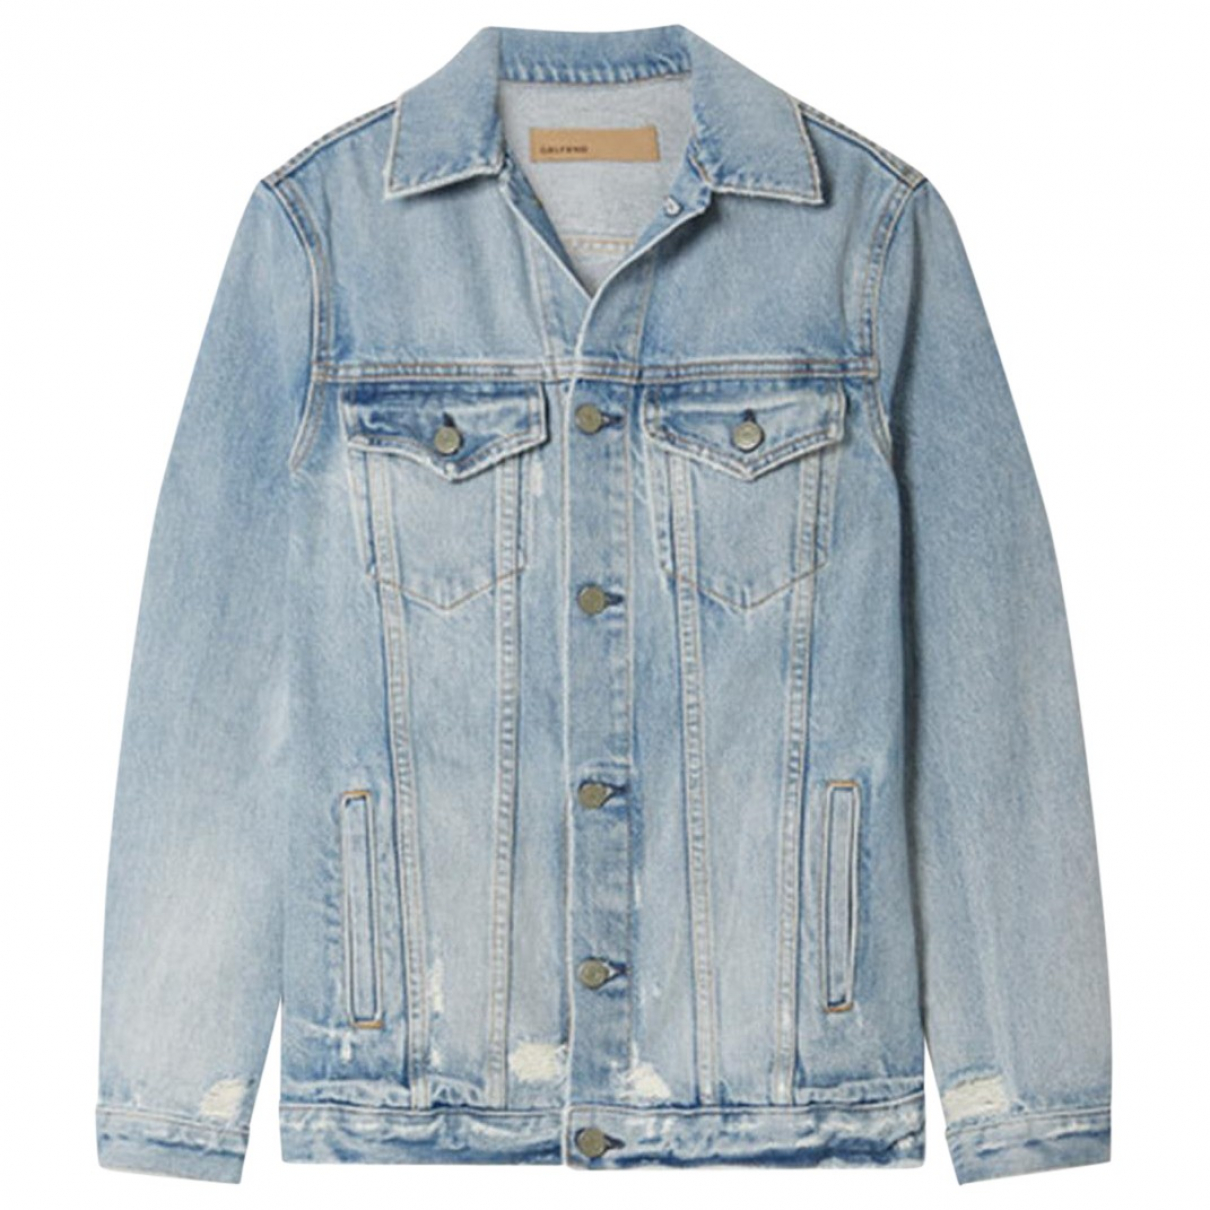 Grlfrnd \N Jacke in  Blau Denim - Jeans